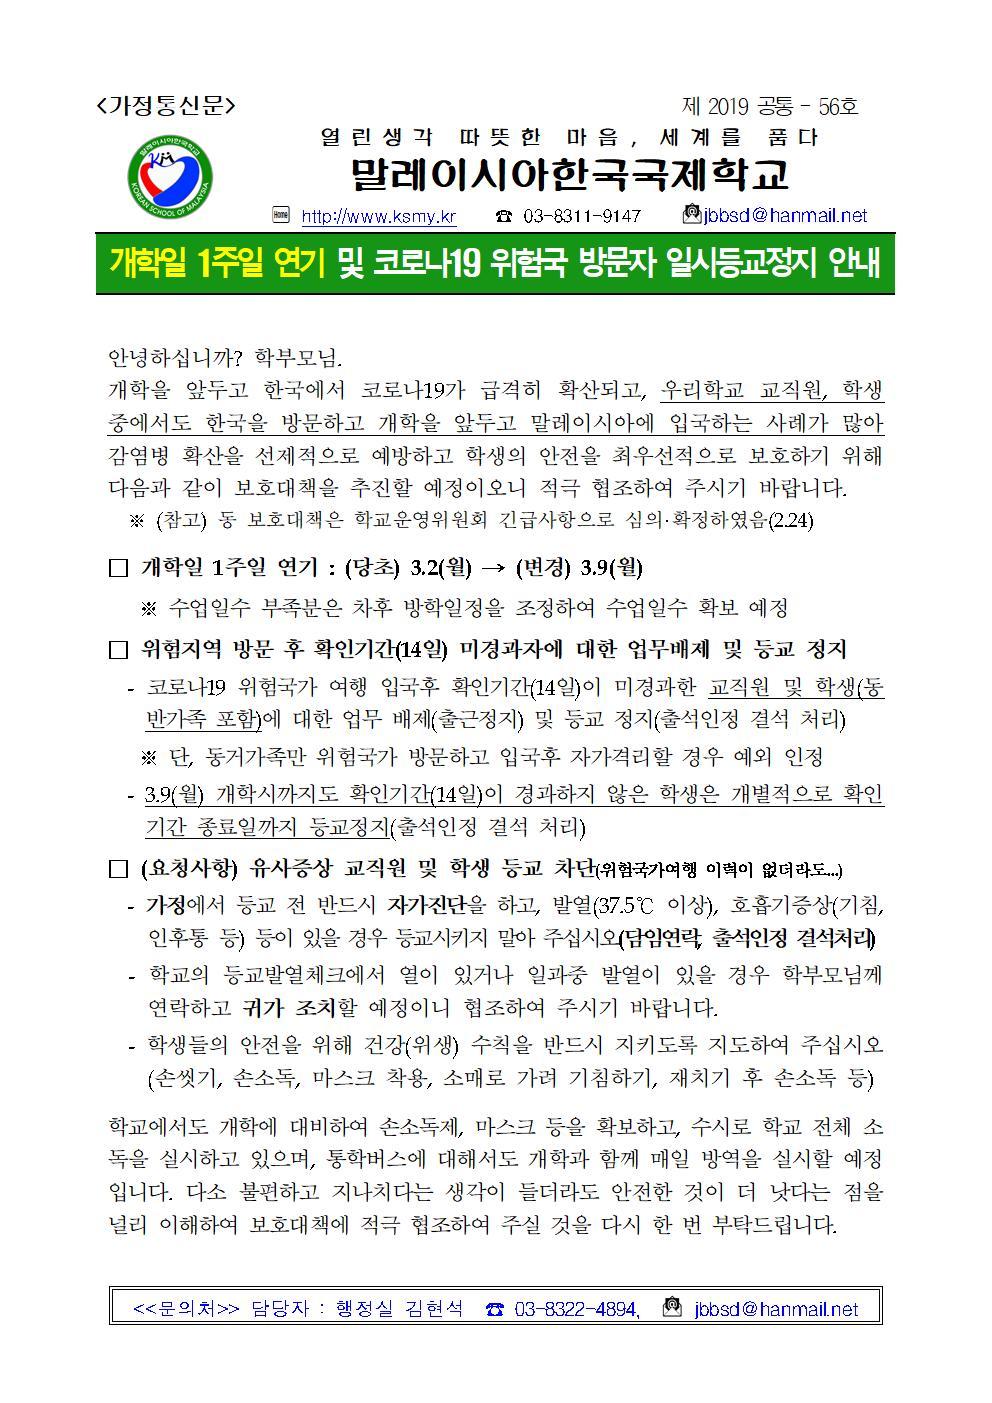 코로나 관련 개학 연기 가정통신문_최종001.jpg